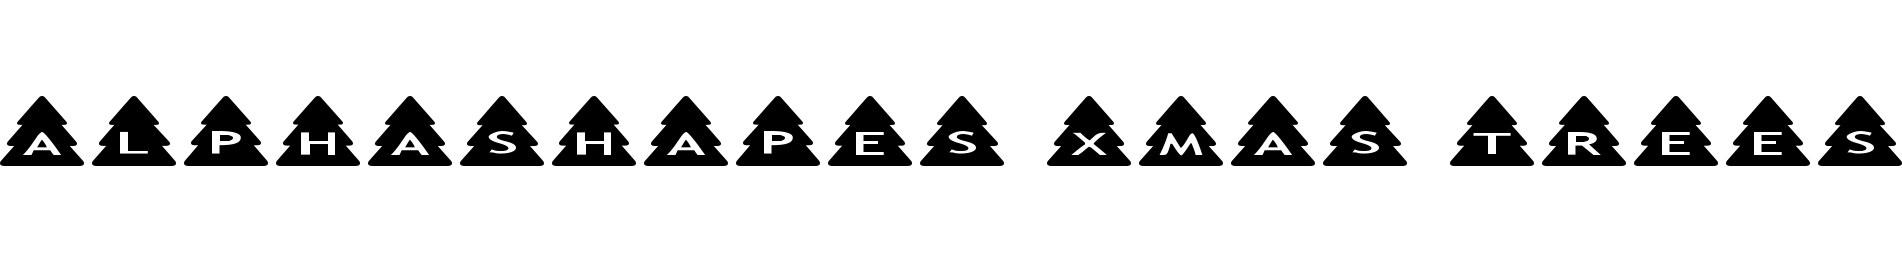 AlphaShapes xmas trees